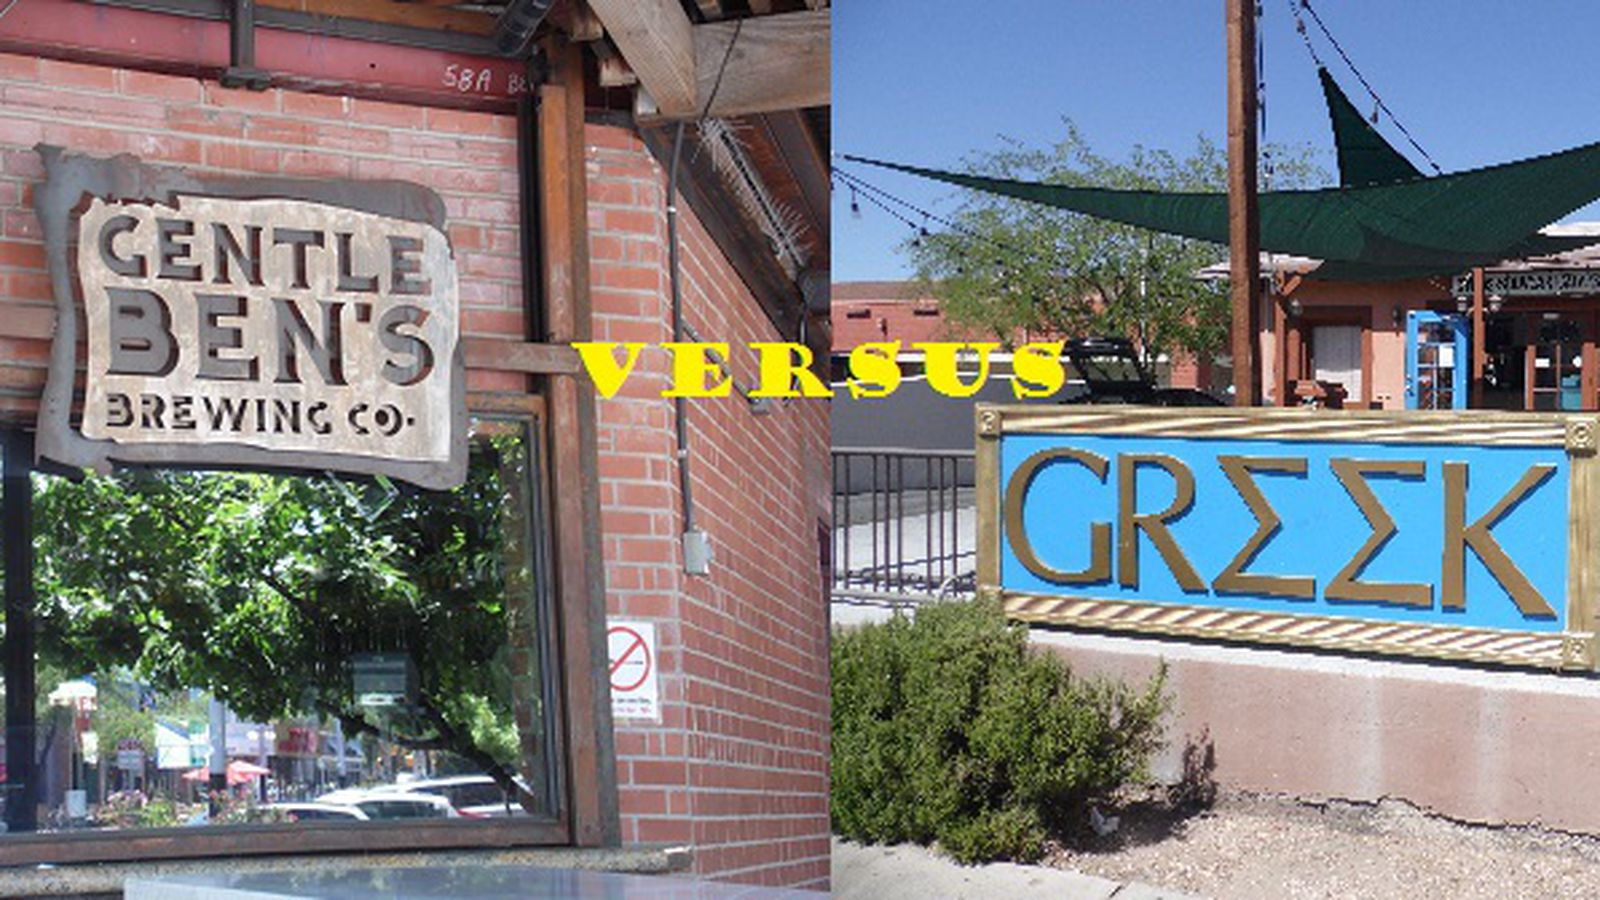 Gentle_bens_vs._greek_eatz.0.0